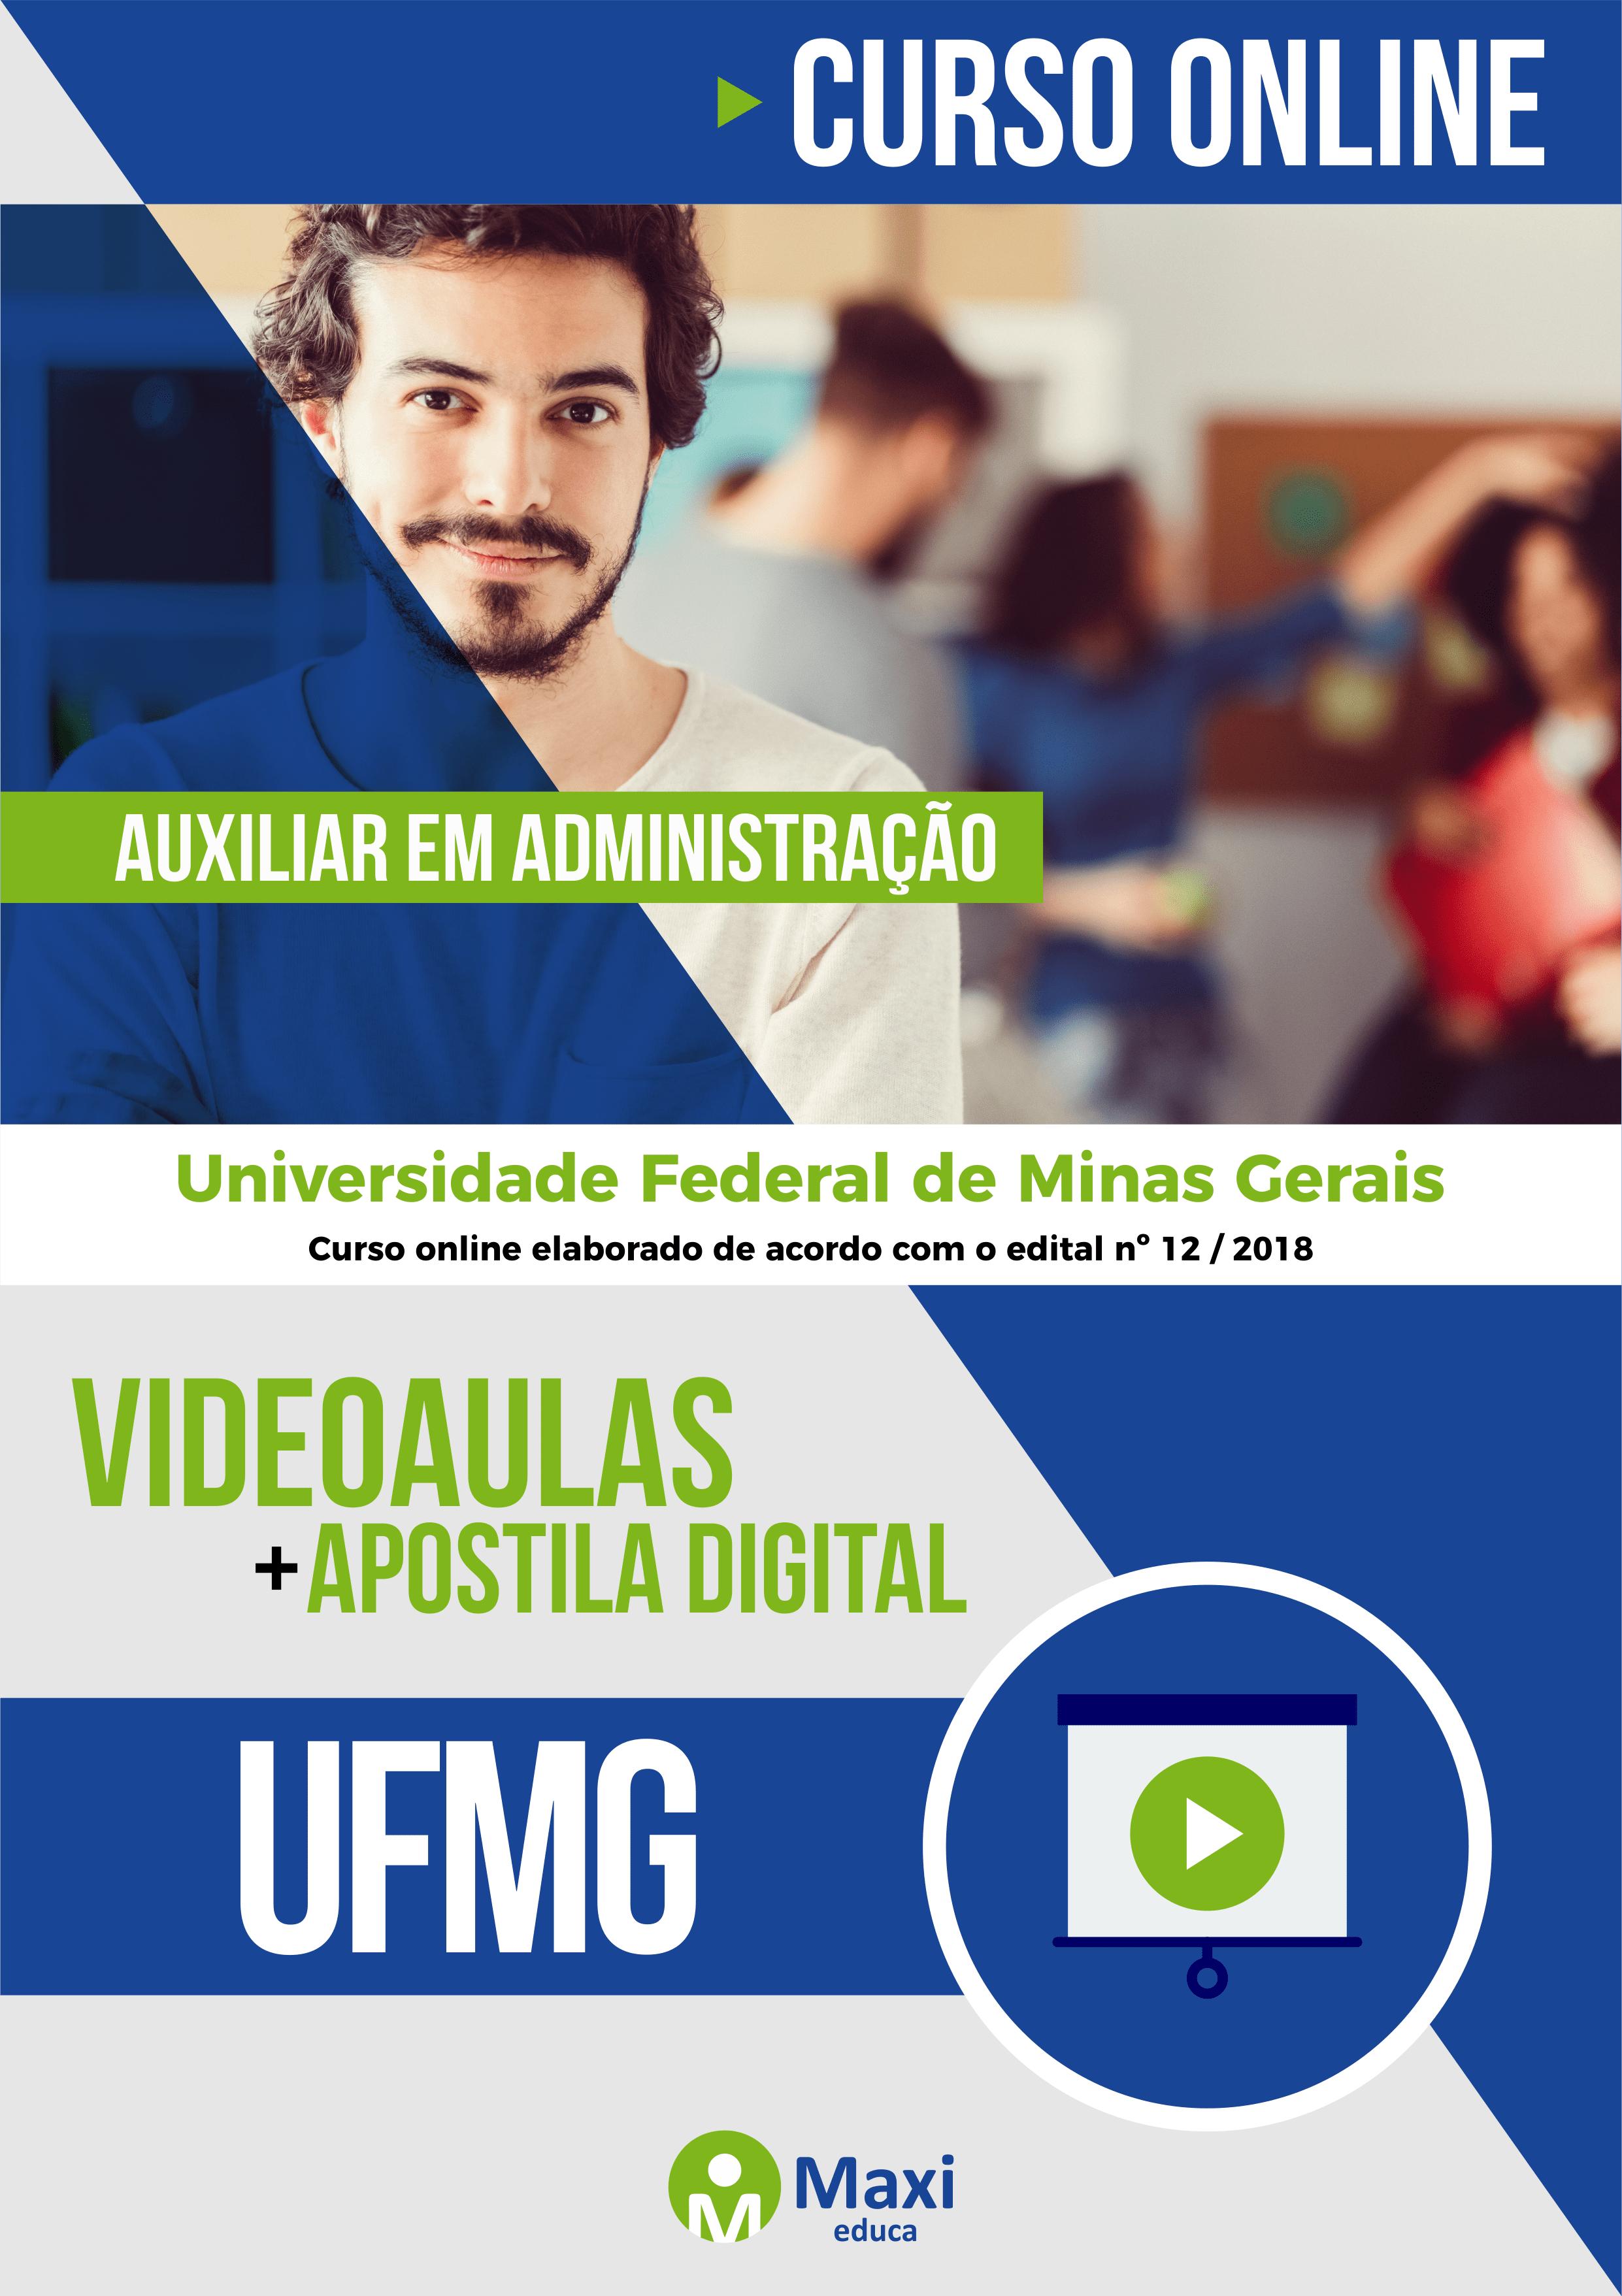 UFMG  - Universidade Federal de Minas Gerais